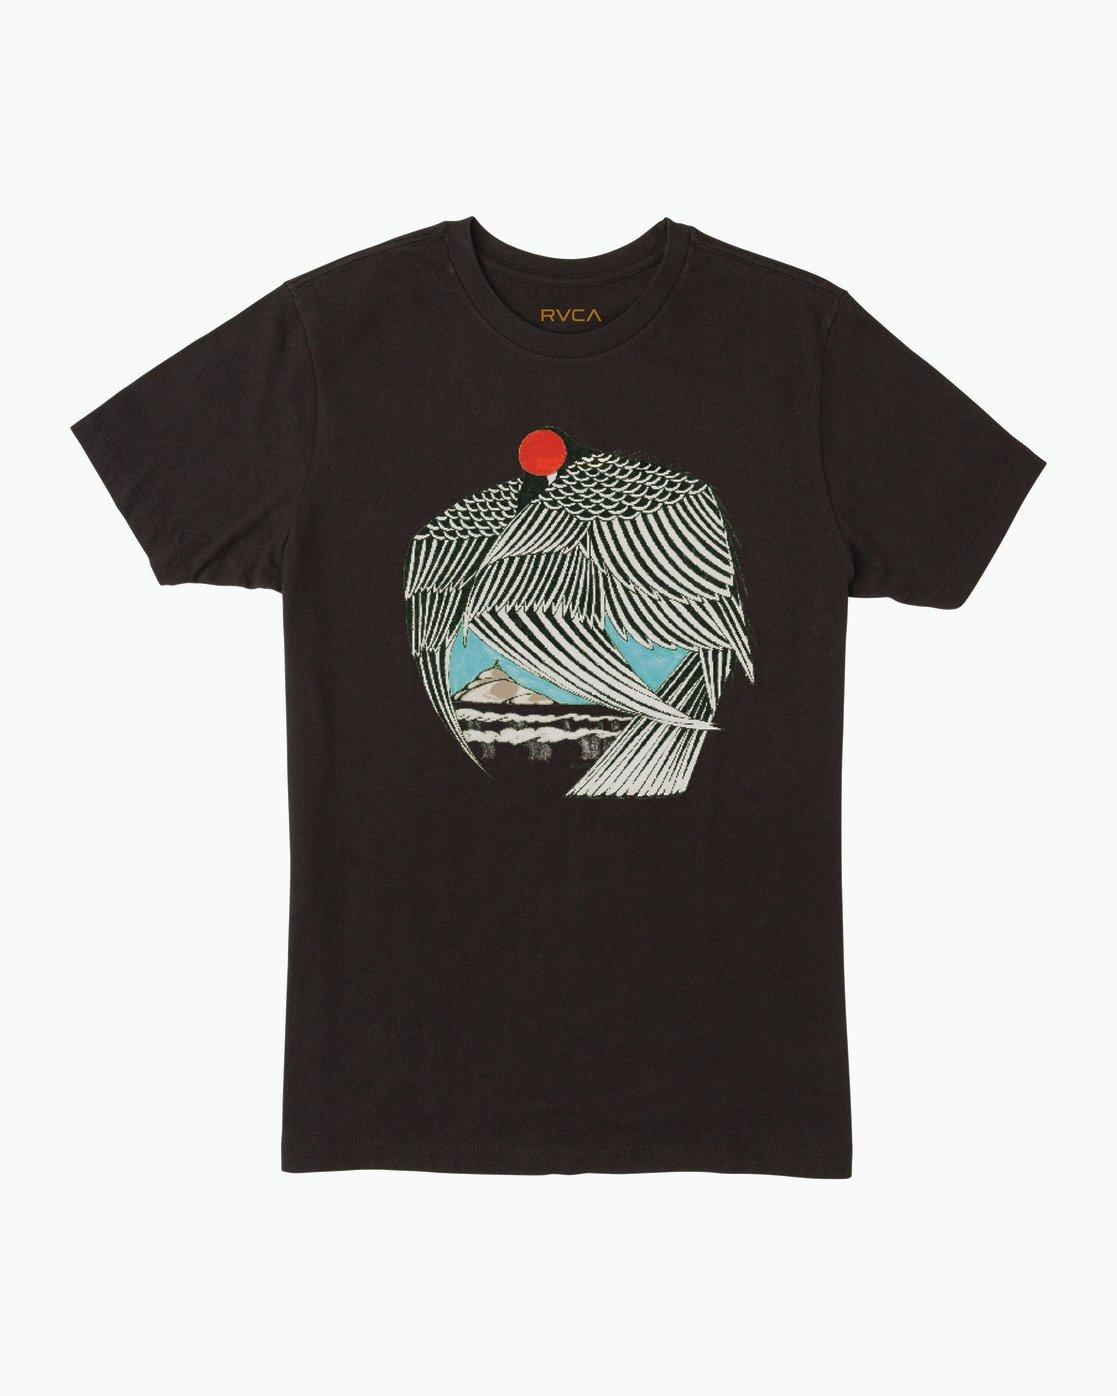 0 Alex Matus T-Shirt Black M430SRMA RVCA